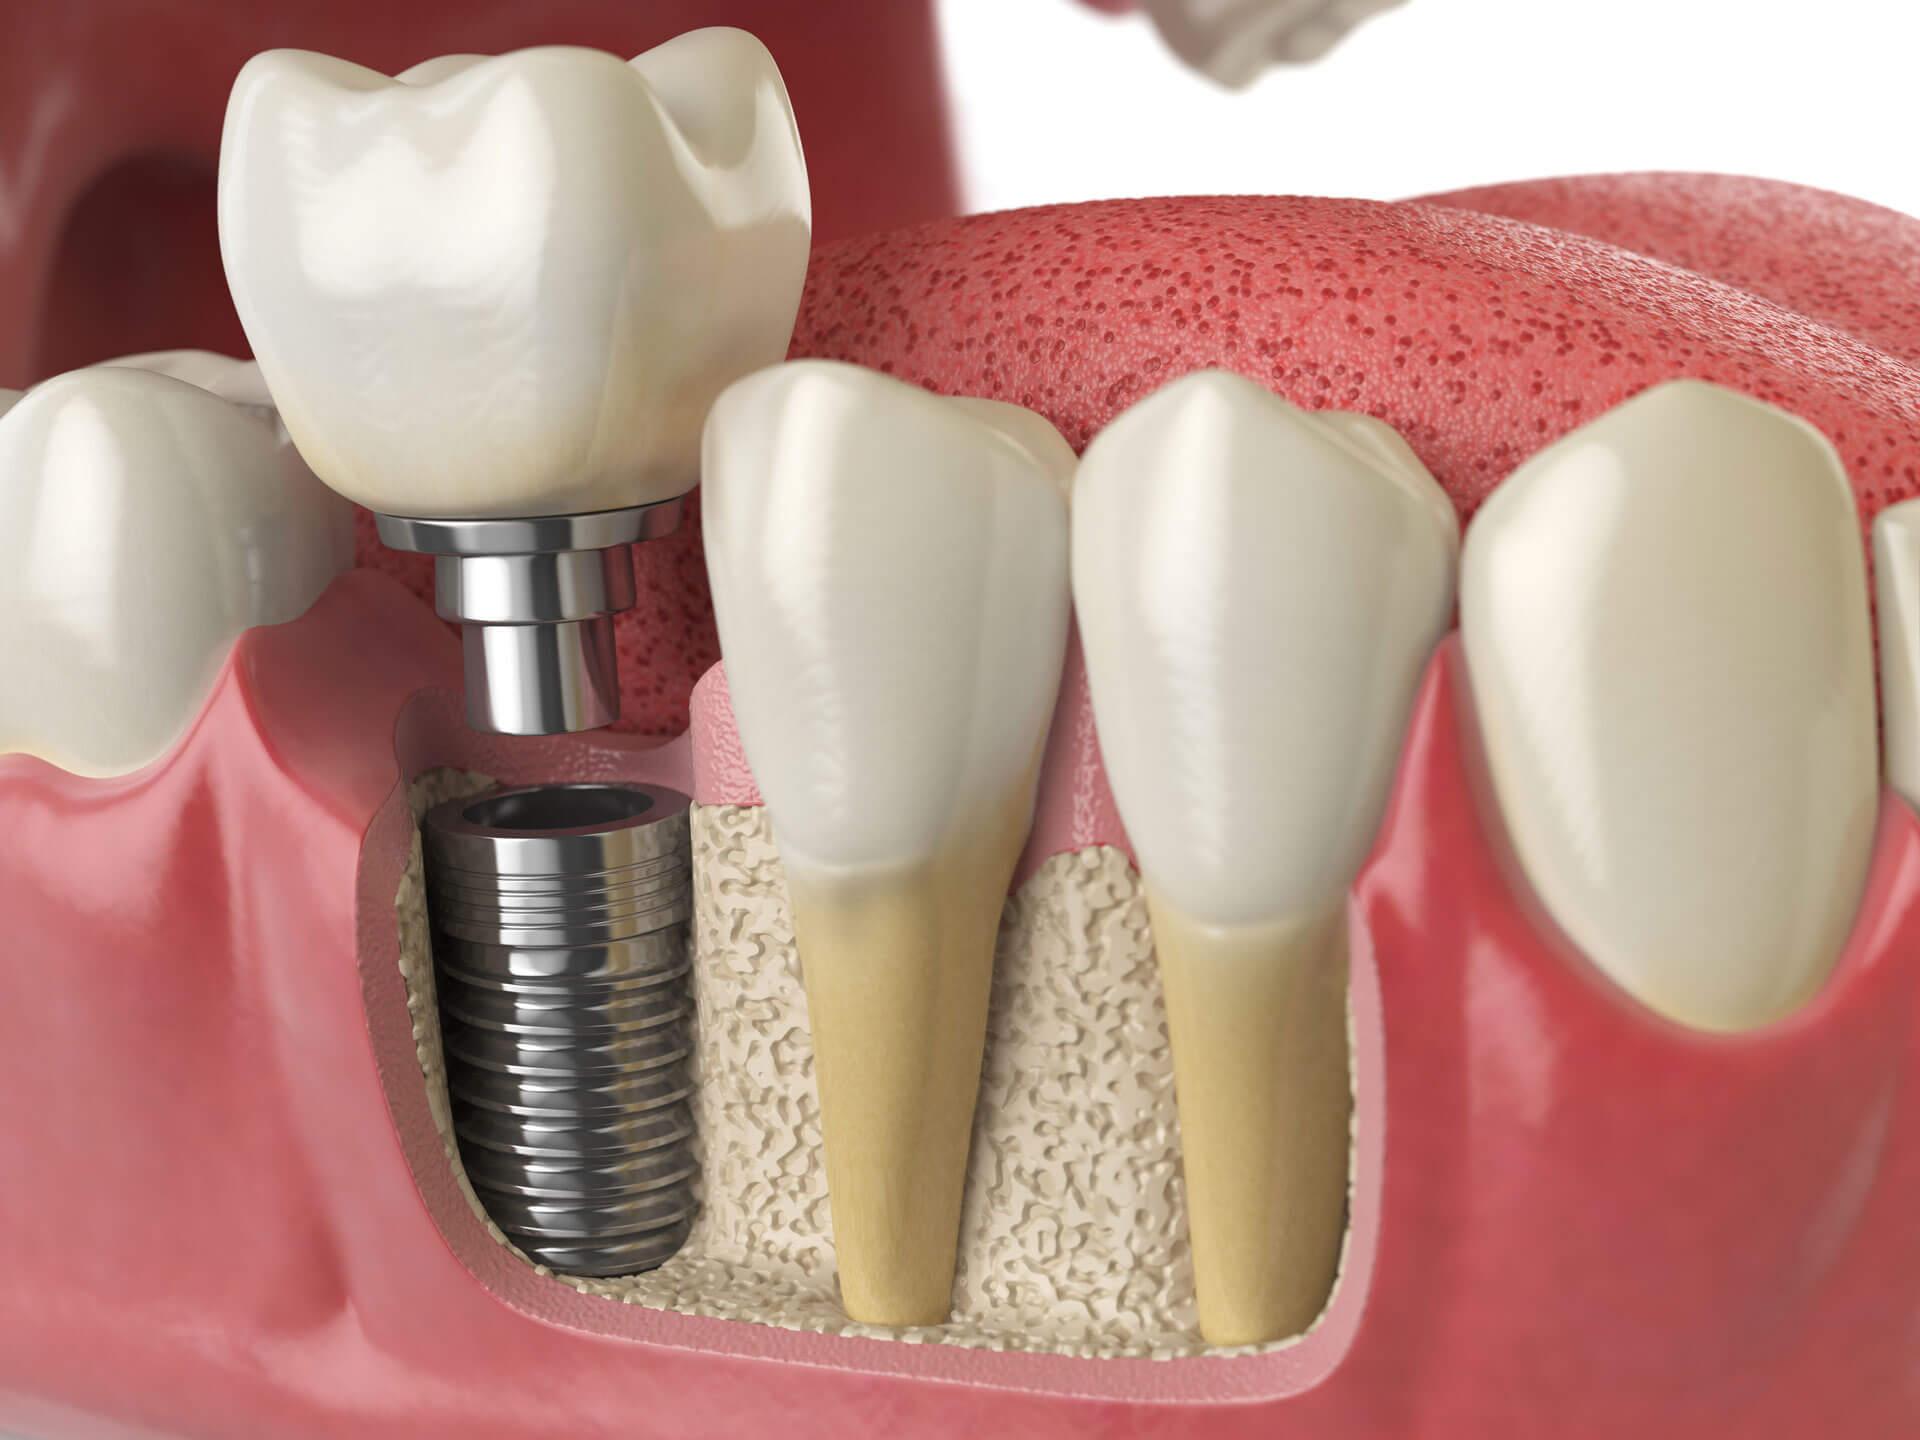 Implant dentaire : quel est son principal rôle ?